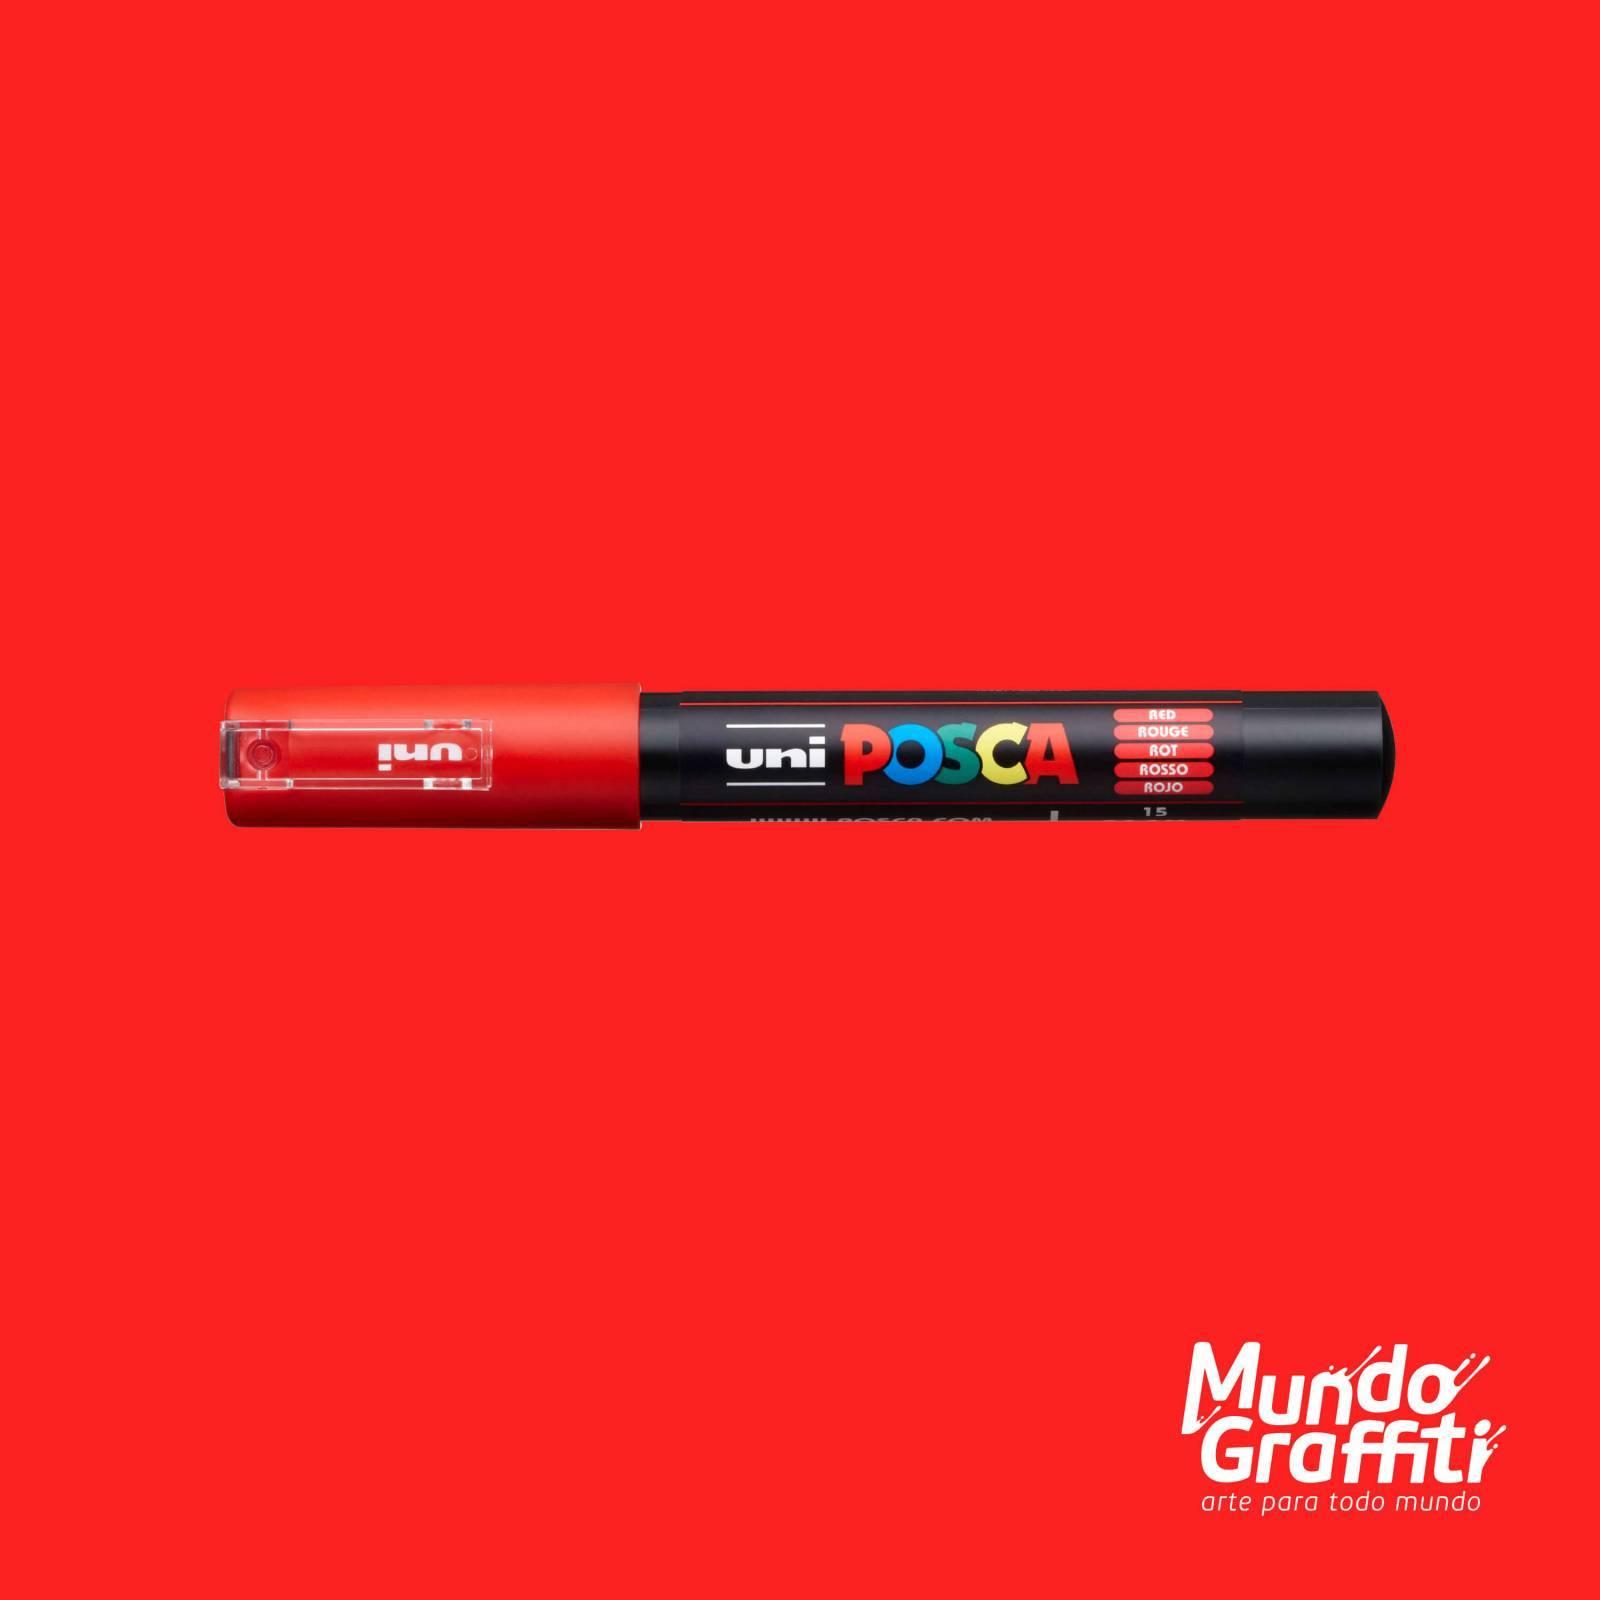 Caneta Posca 1M Vermelho - Mundo Graffiti